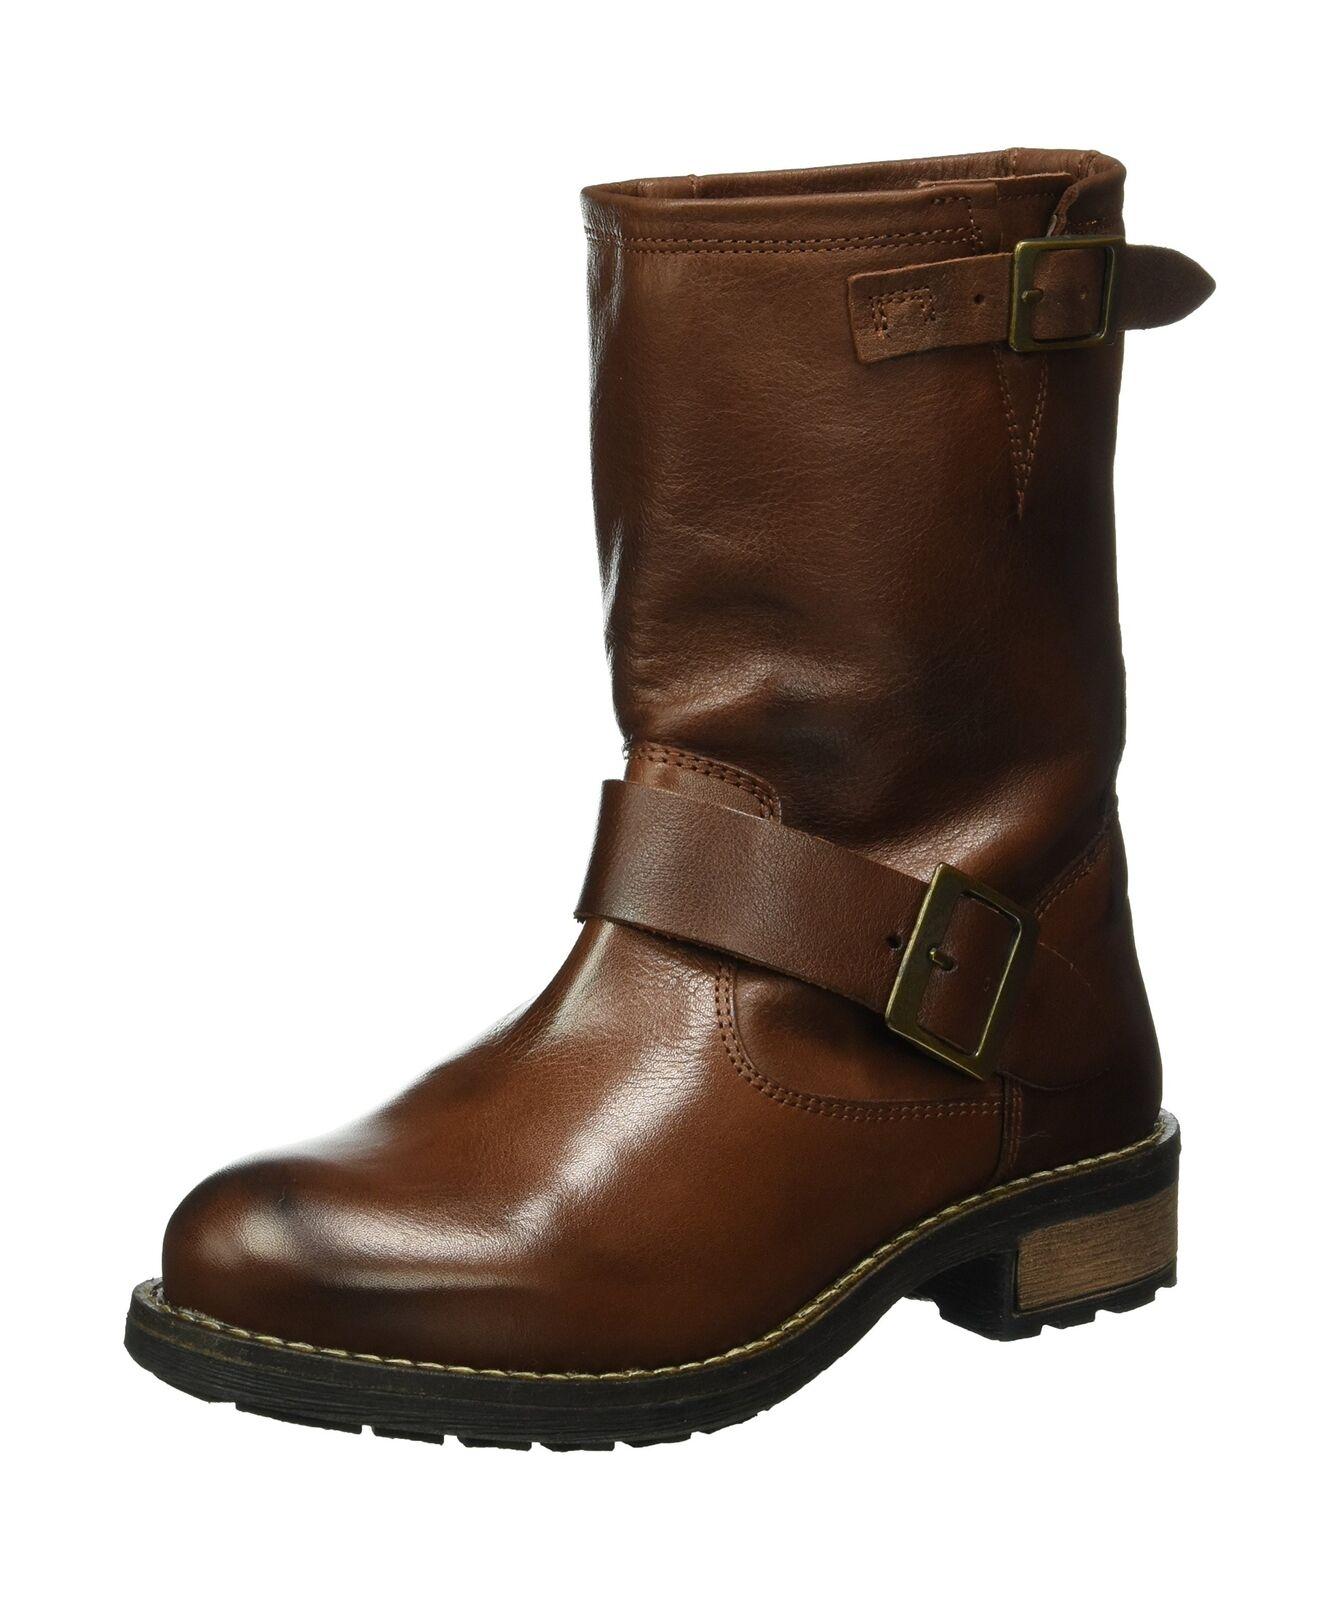 Buffalo Mujeres 157620 Frío Forrado Pantorrilla Longitud botas botas botas y Tobillo botas 3 Reino Unido  ahorra 50% -75% de descuento